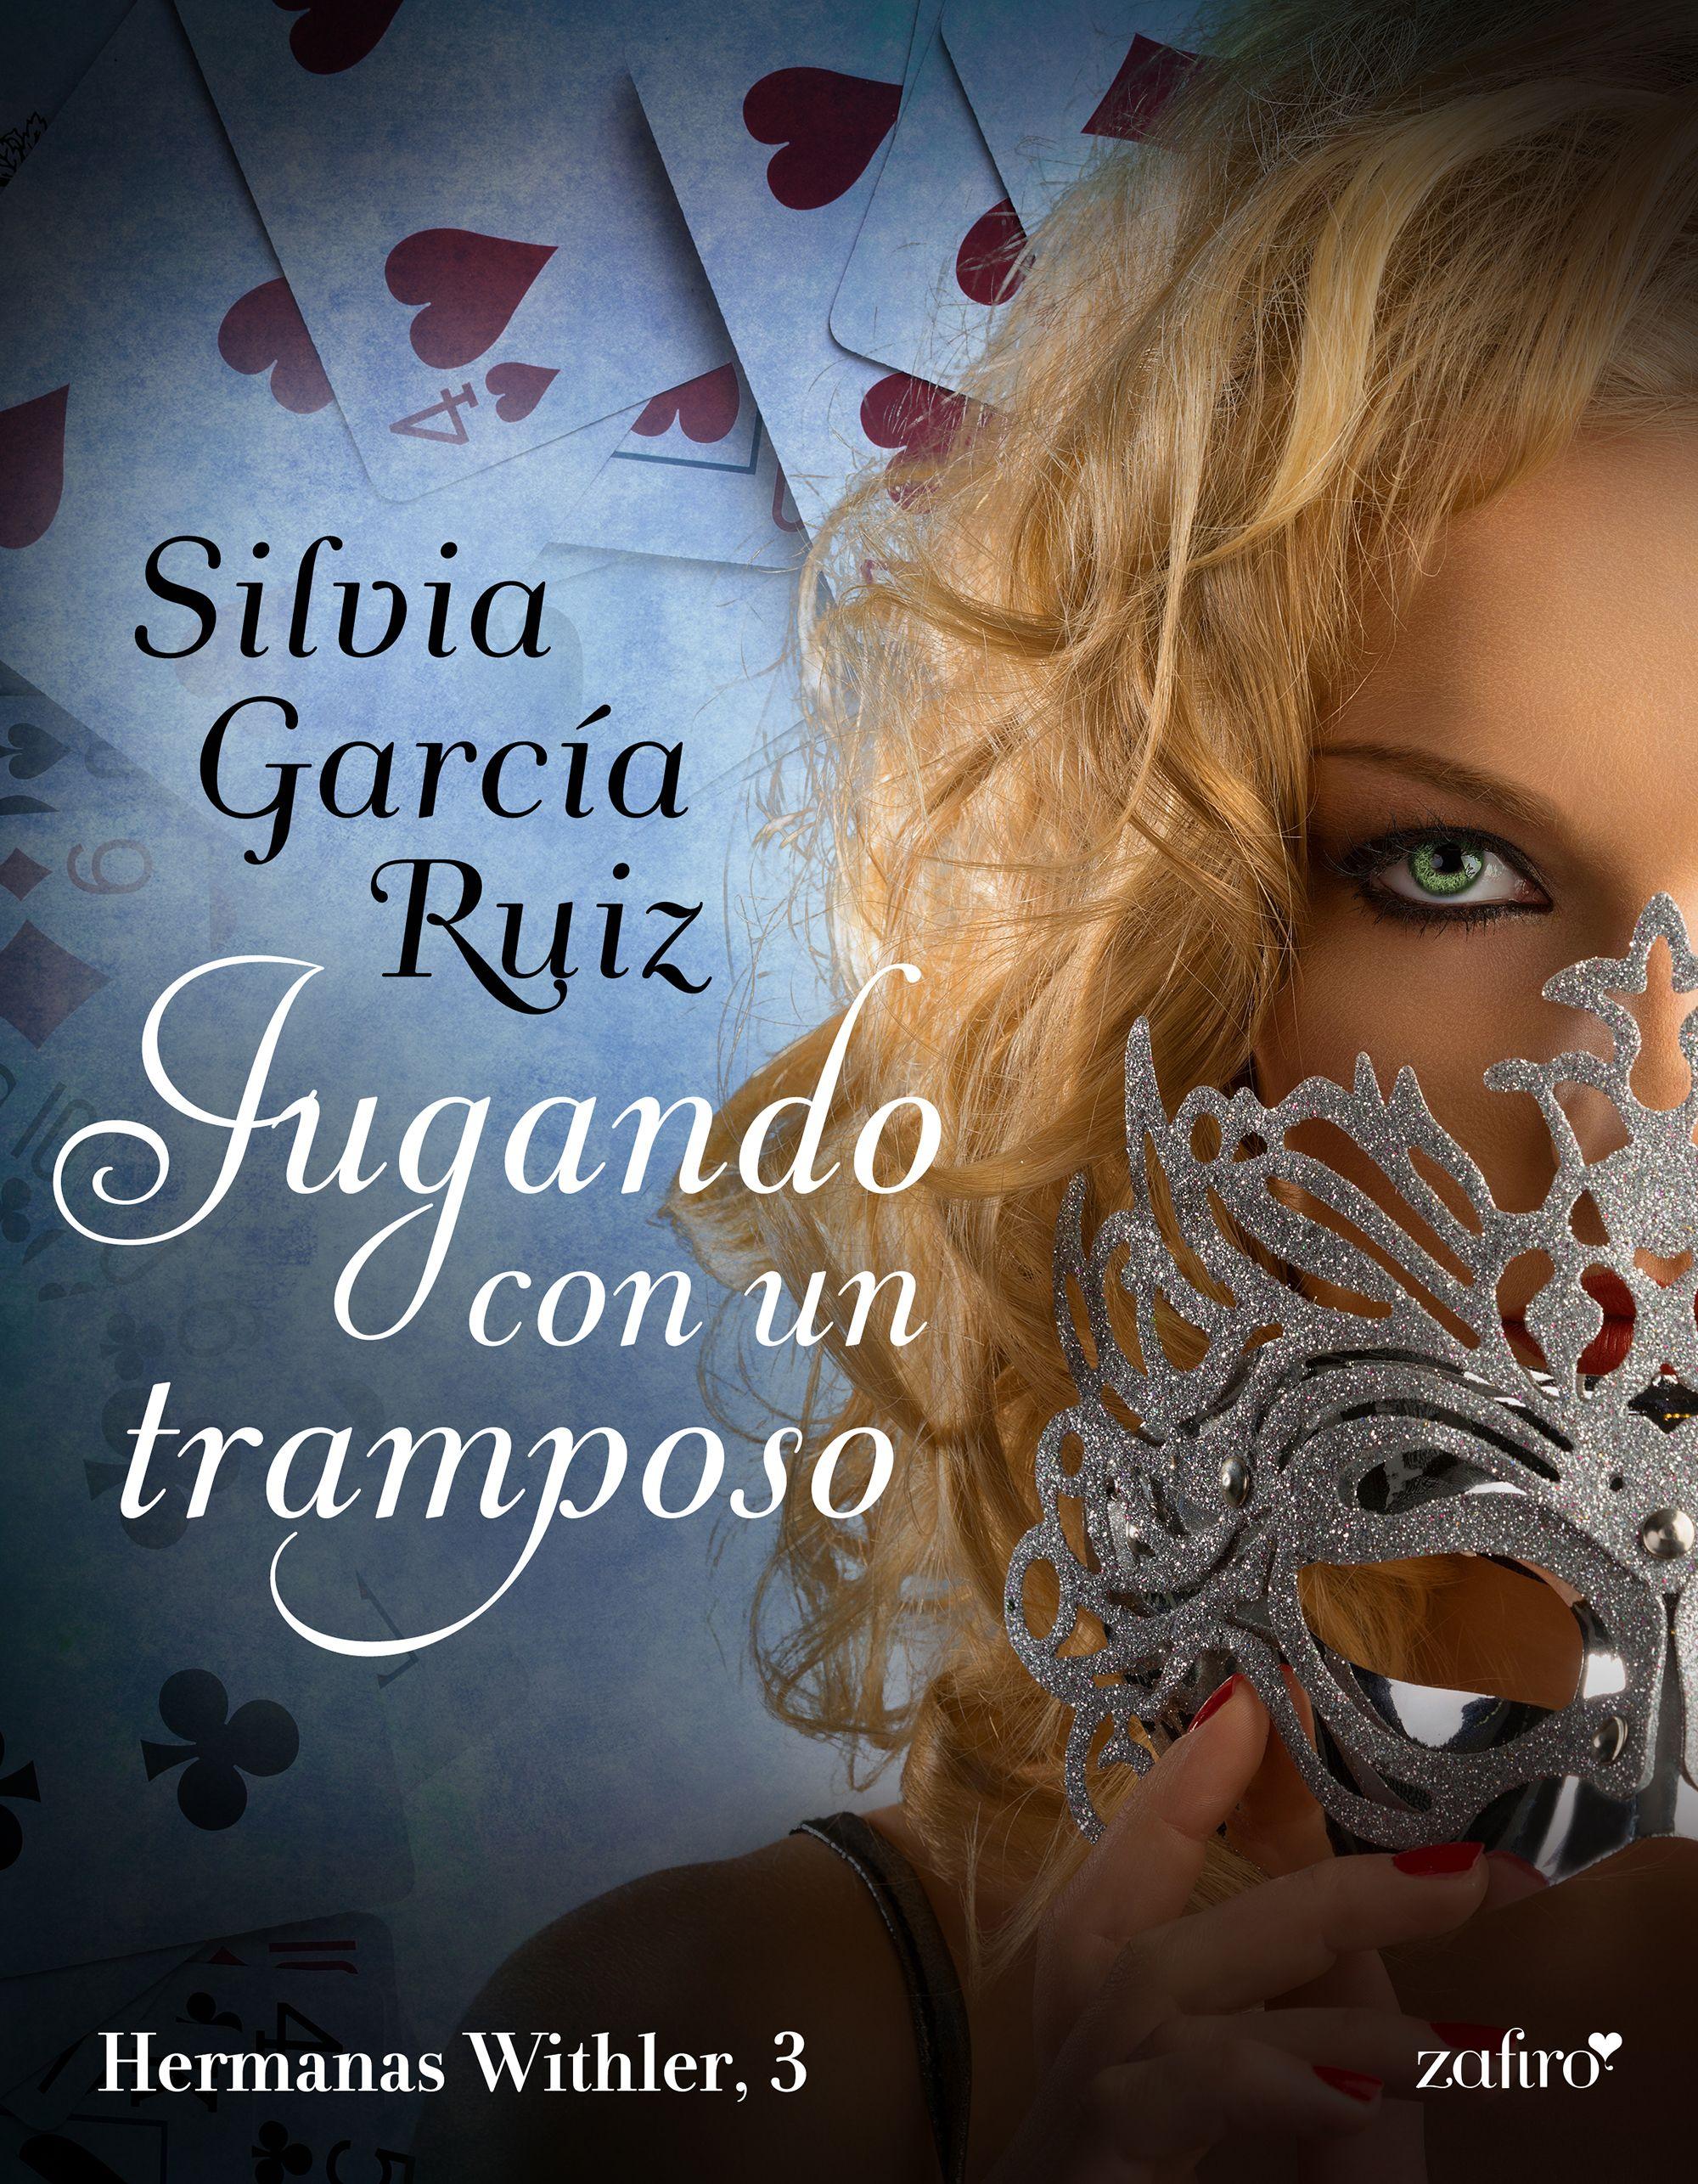 portada_jugando-con-un-tramposo_silvia-garcia-ruiz_201703131615